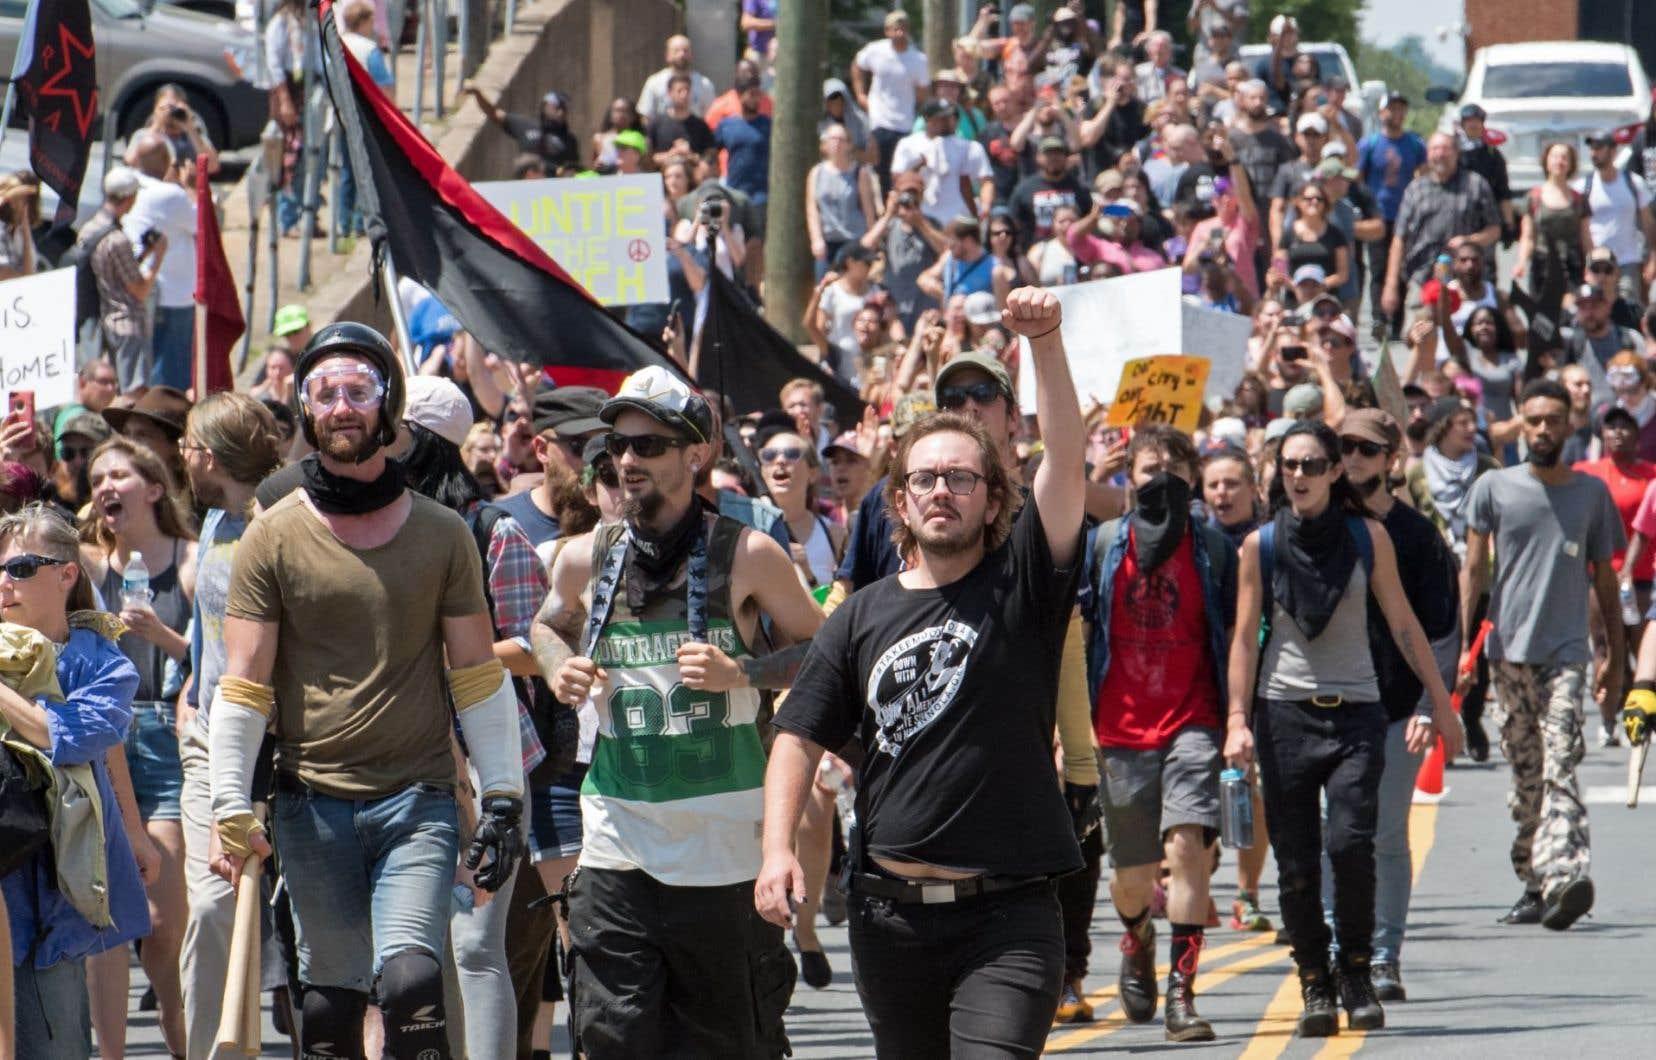 Des sites aux contenus racistes ont été fermés à la suite des violences de Charlottesville.